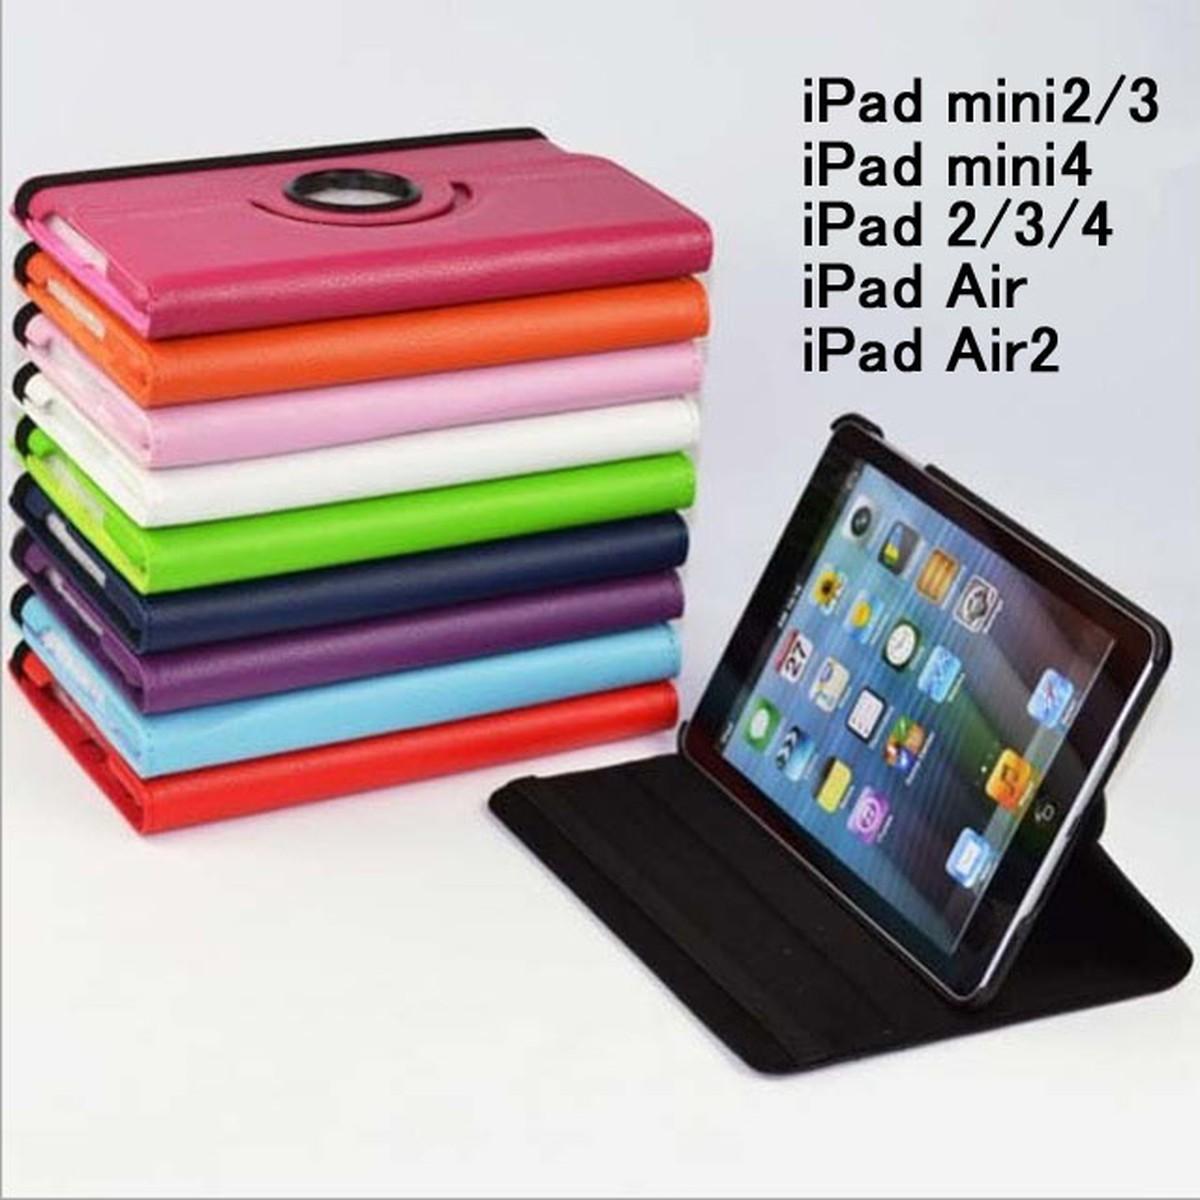 評判 メール便送料無料 iPad mini2 mini3 mini4 Air Air2 Pro 9.7インチ 予約販売品 PUレザーケース ライチ皮 第6世代 第5世代 カバー 全11色 360度回転 ケース